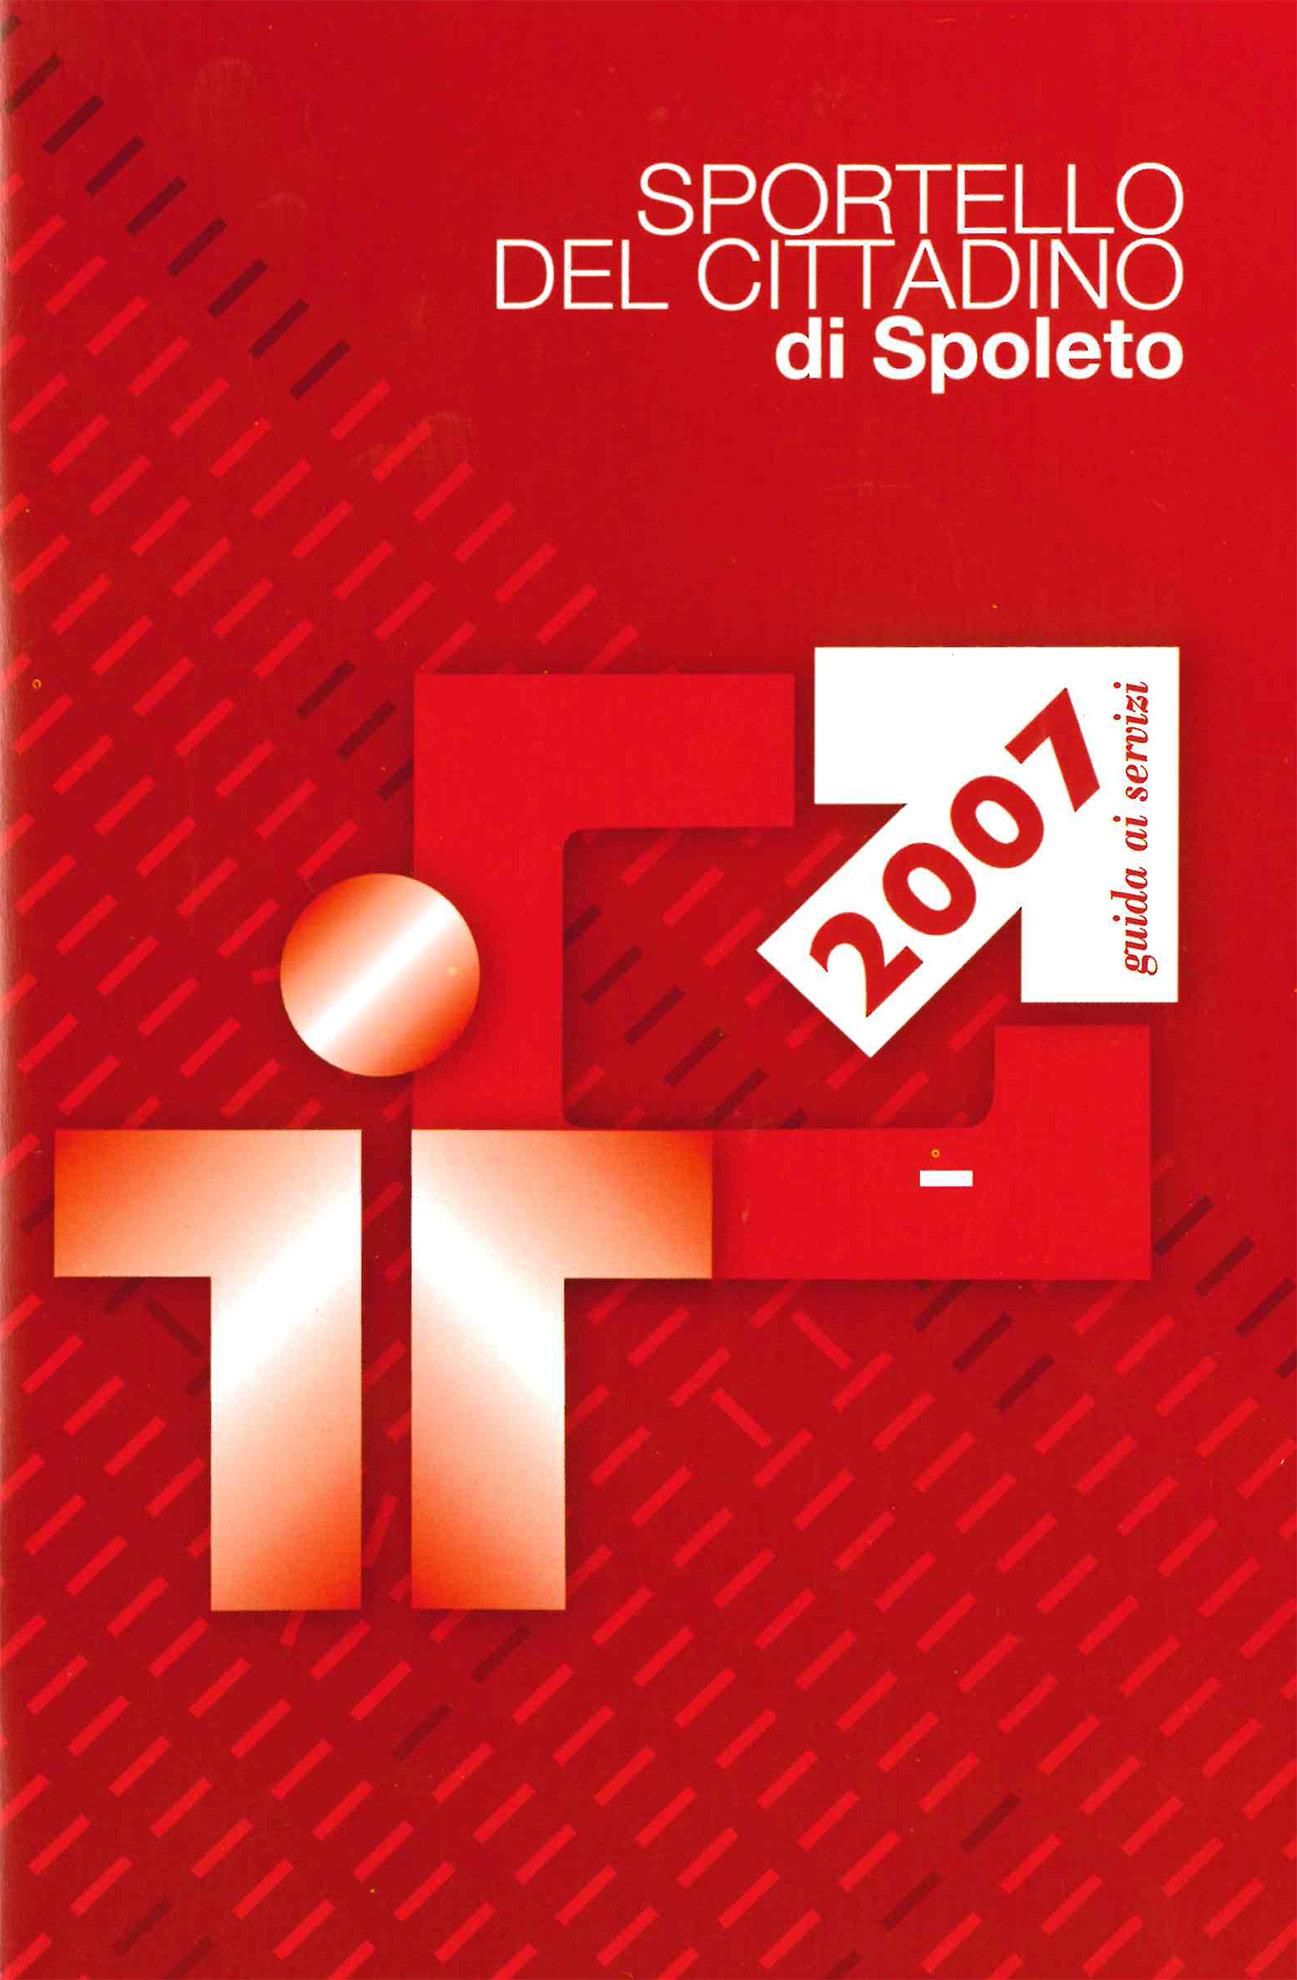 Spocitt 2007 copertina 01